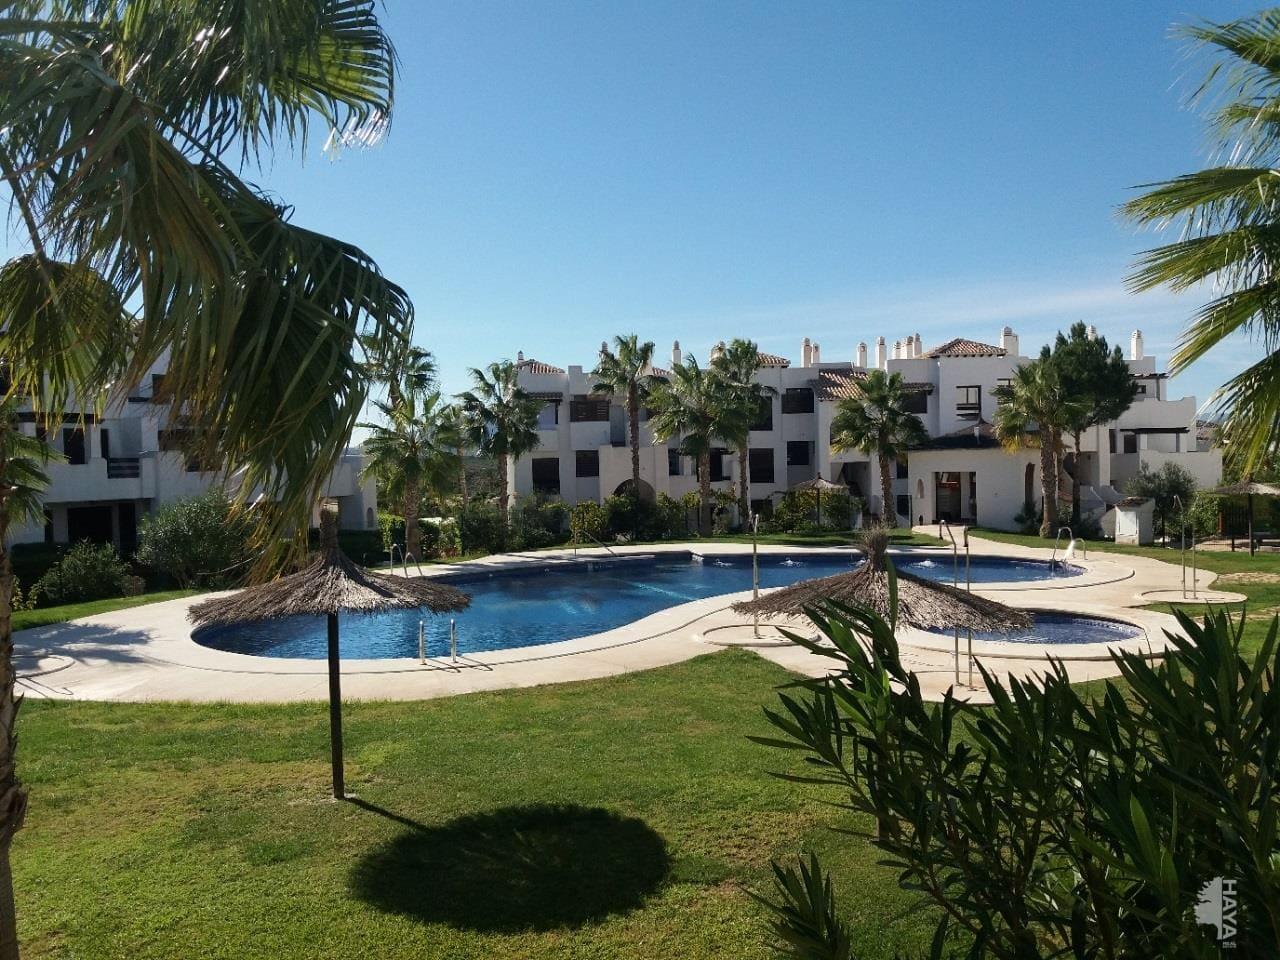 Piso en venta en Vera Playa, Vera, Almería, Calle Alcazaba, 104.000 €, 2 habitaciones, 2 baños, 76 m2